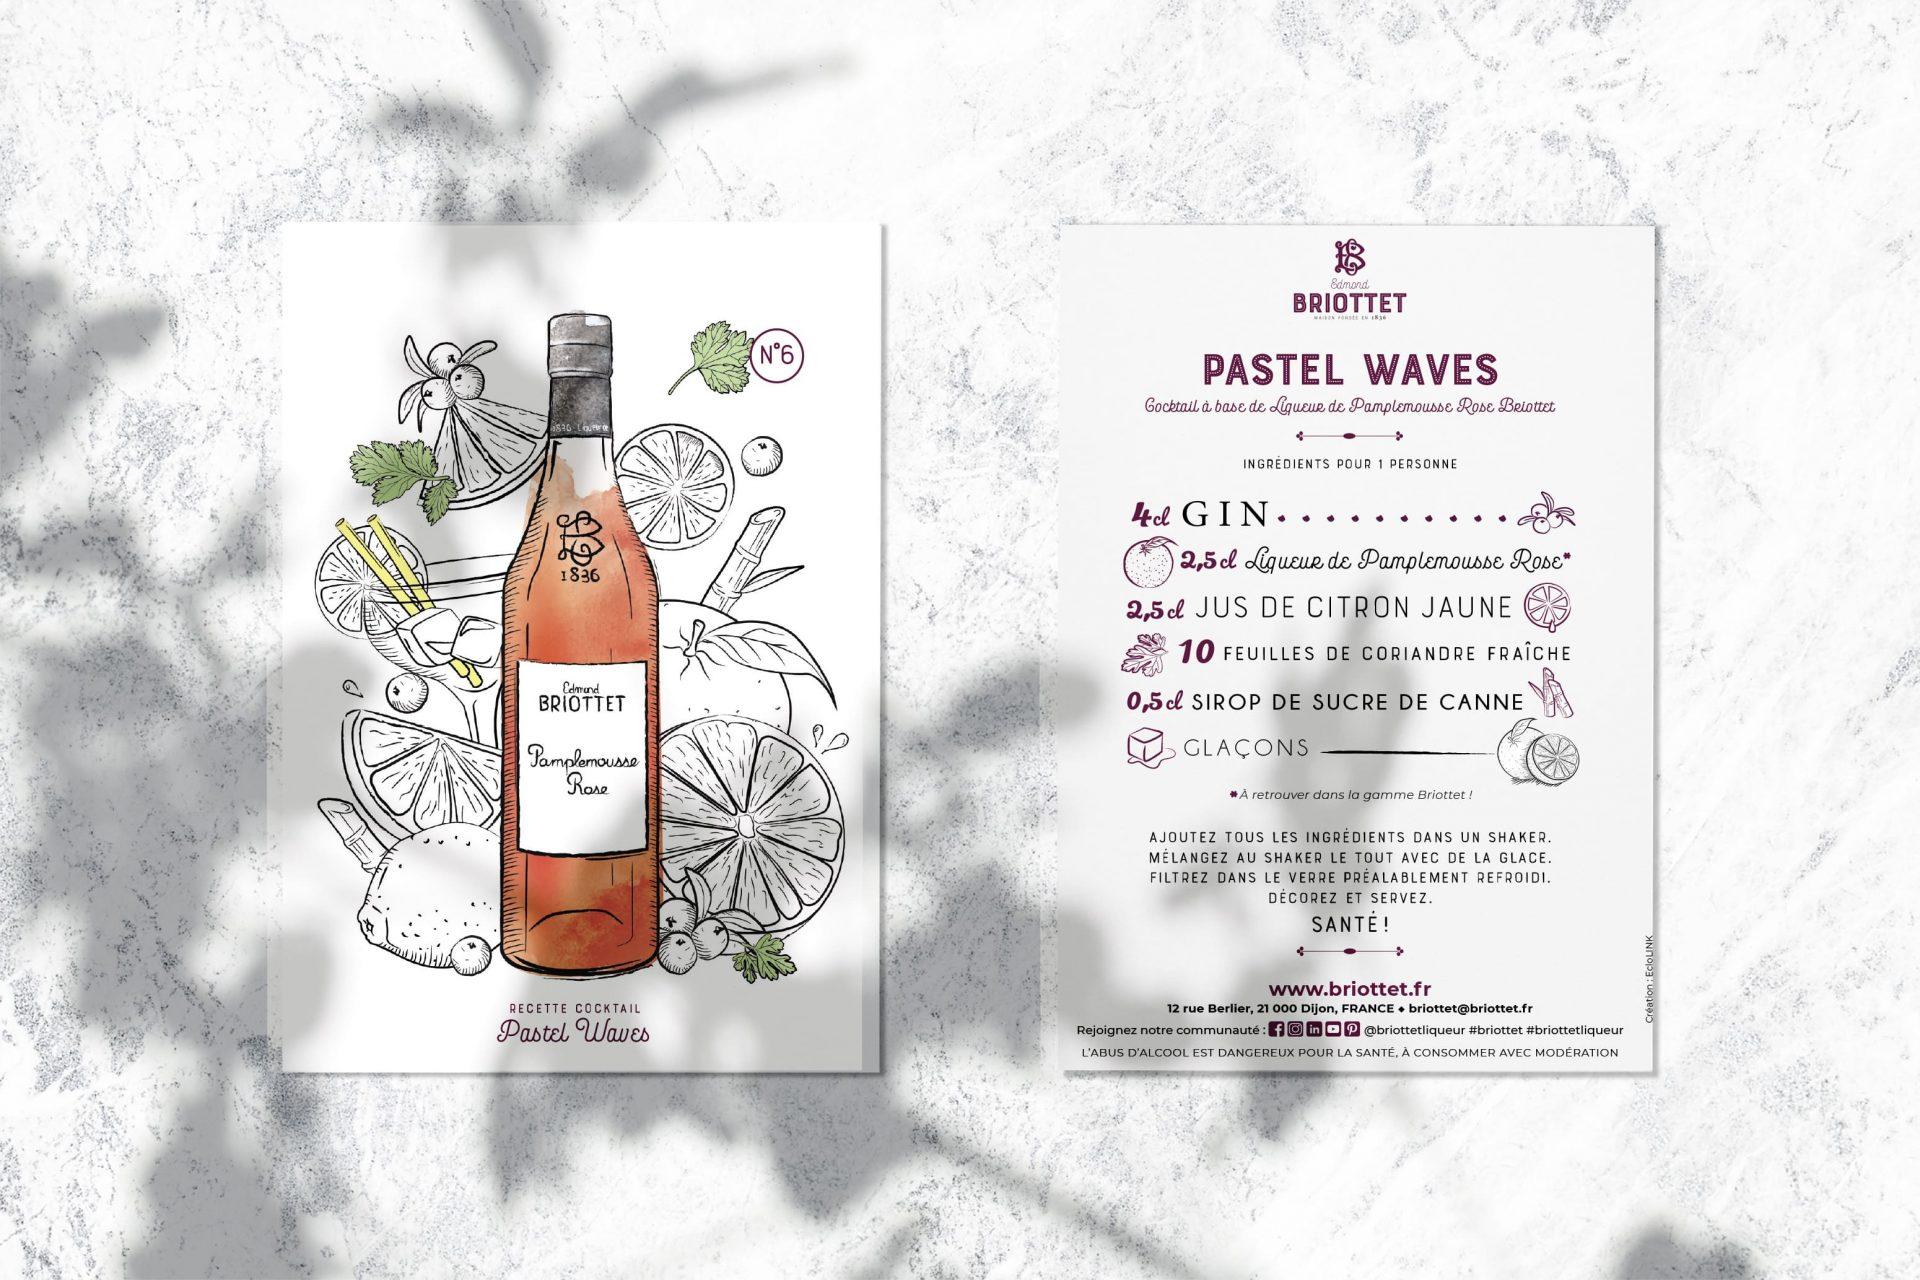 Collection de cartes recettes Briottet N°6 avec recette du Pastel Waves.Une recette à base de Liqueur de Pamplemousse Rose Briottet.